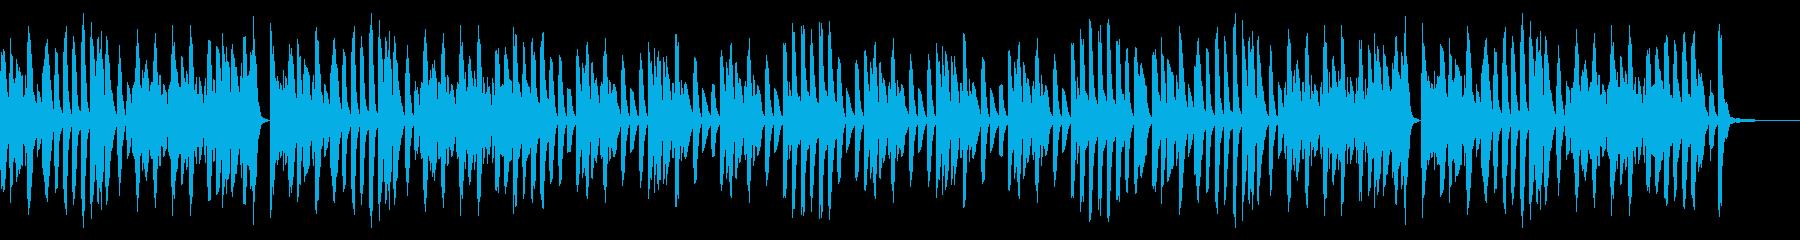 ラグタイム/楽しい/ホンキートンクの再生済みの波形